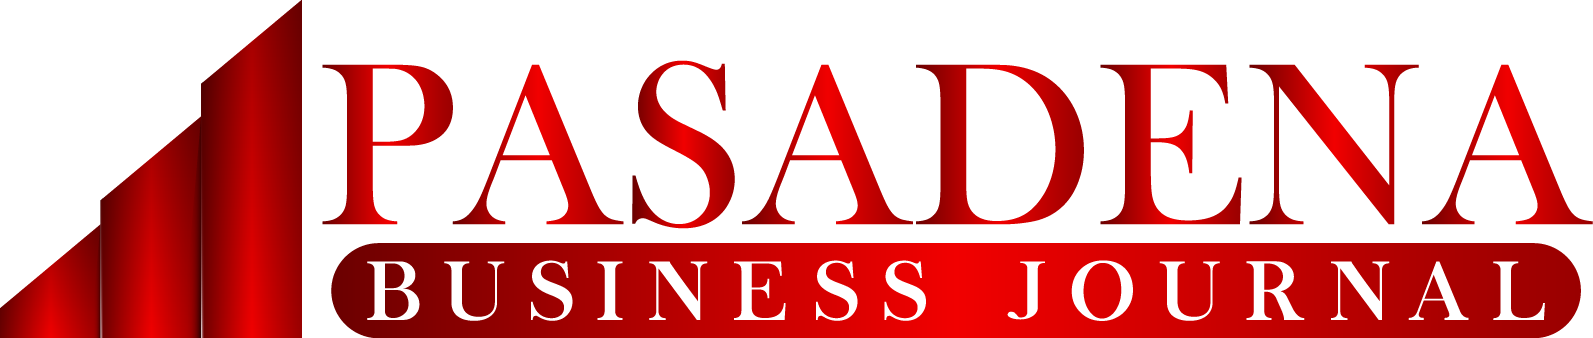 Pasadena Business Journal